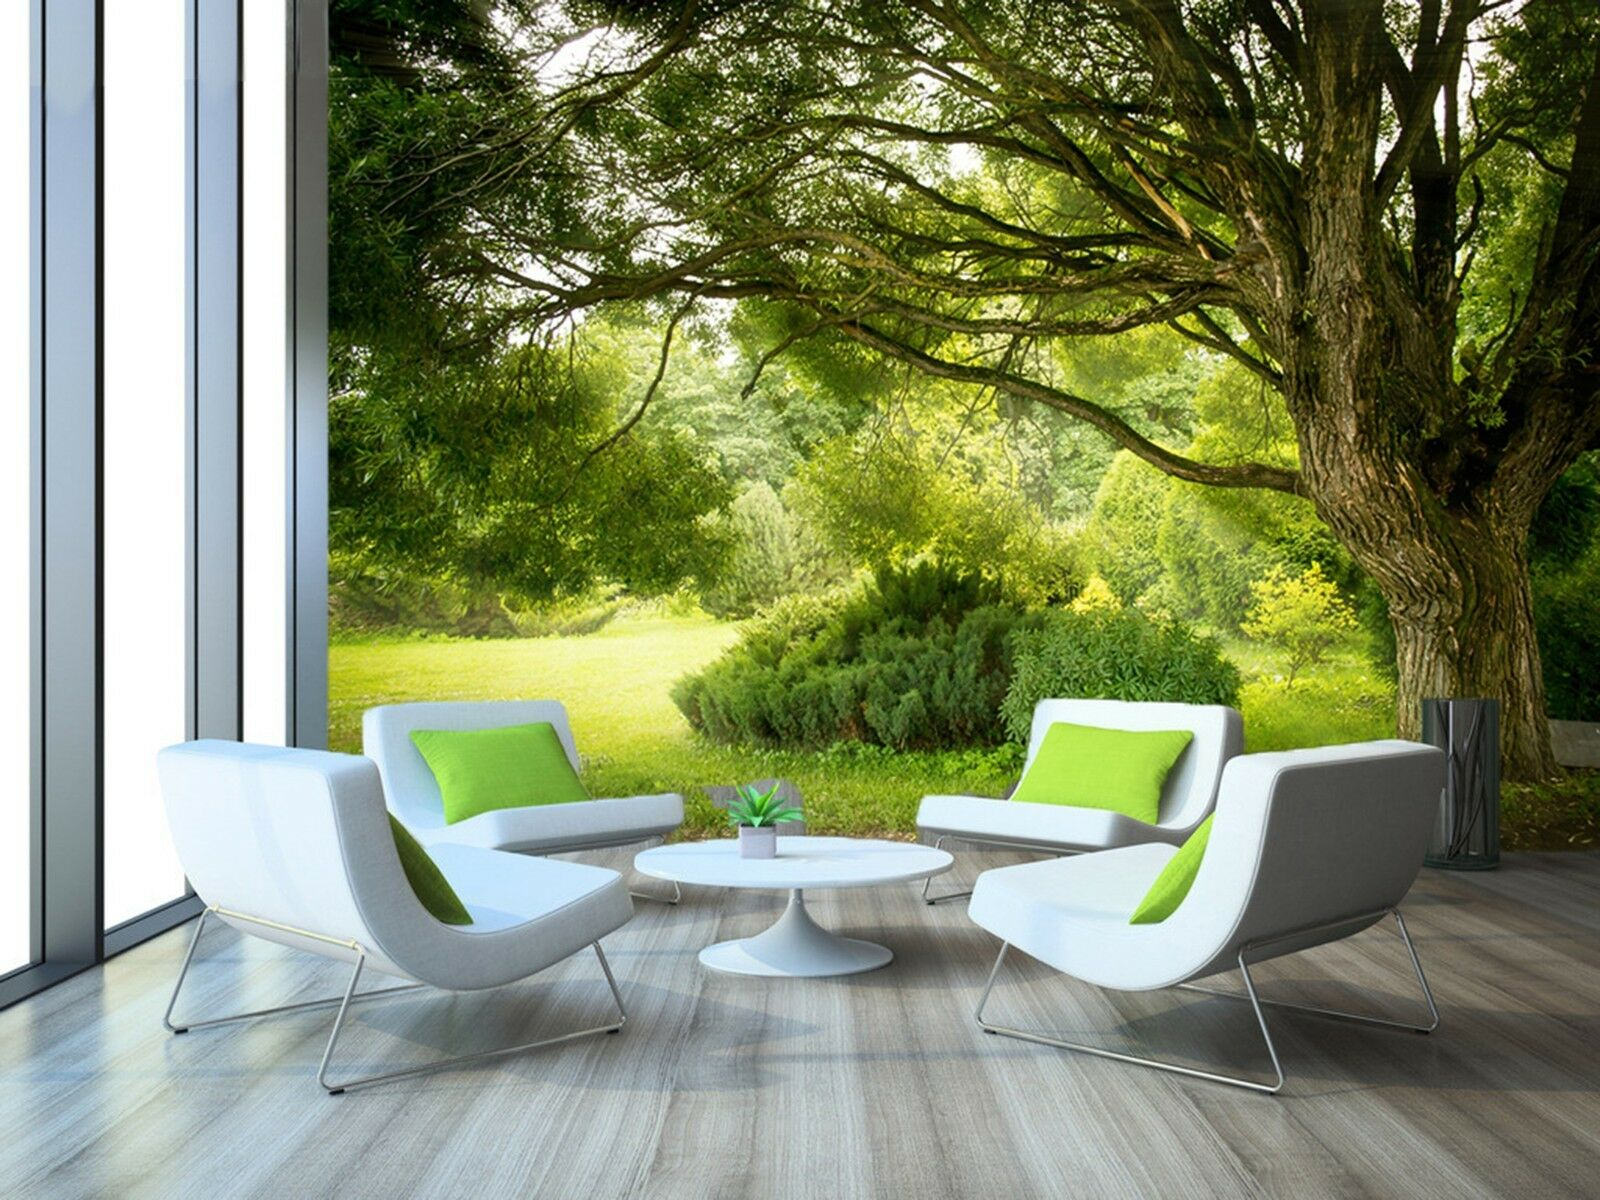 3D Natürlich Wälder Wiese 7933 Tapete Wandgemälde Tapeten Bild Familie DE Lemon